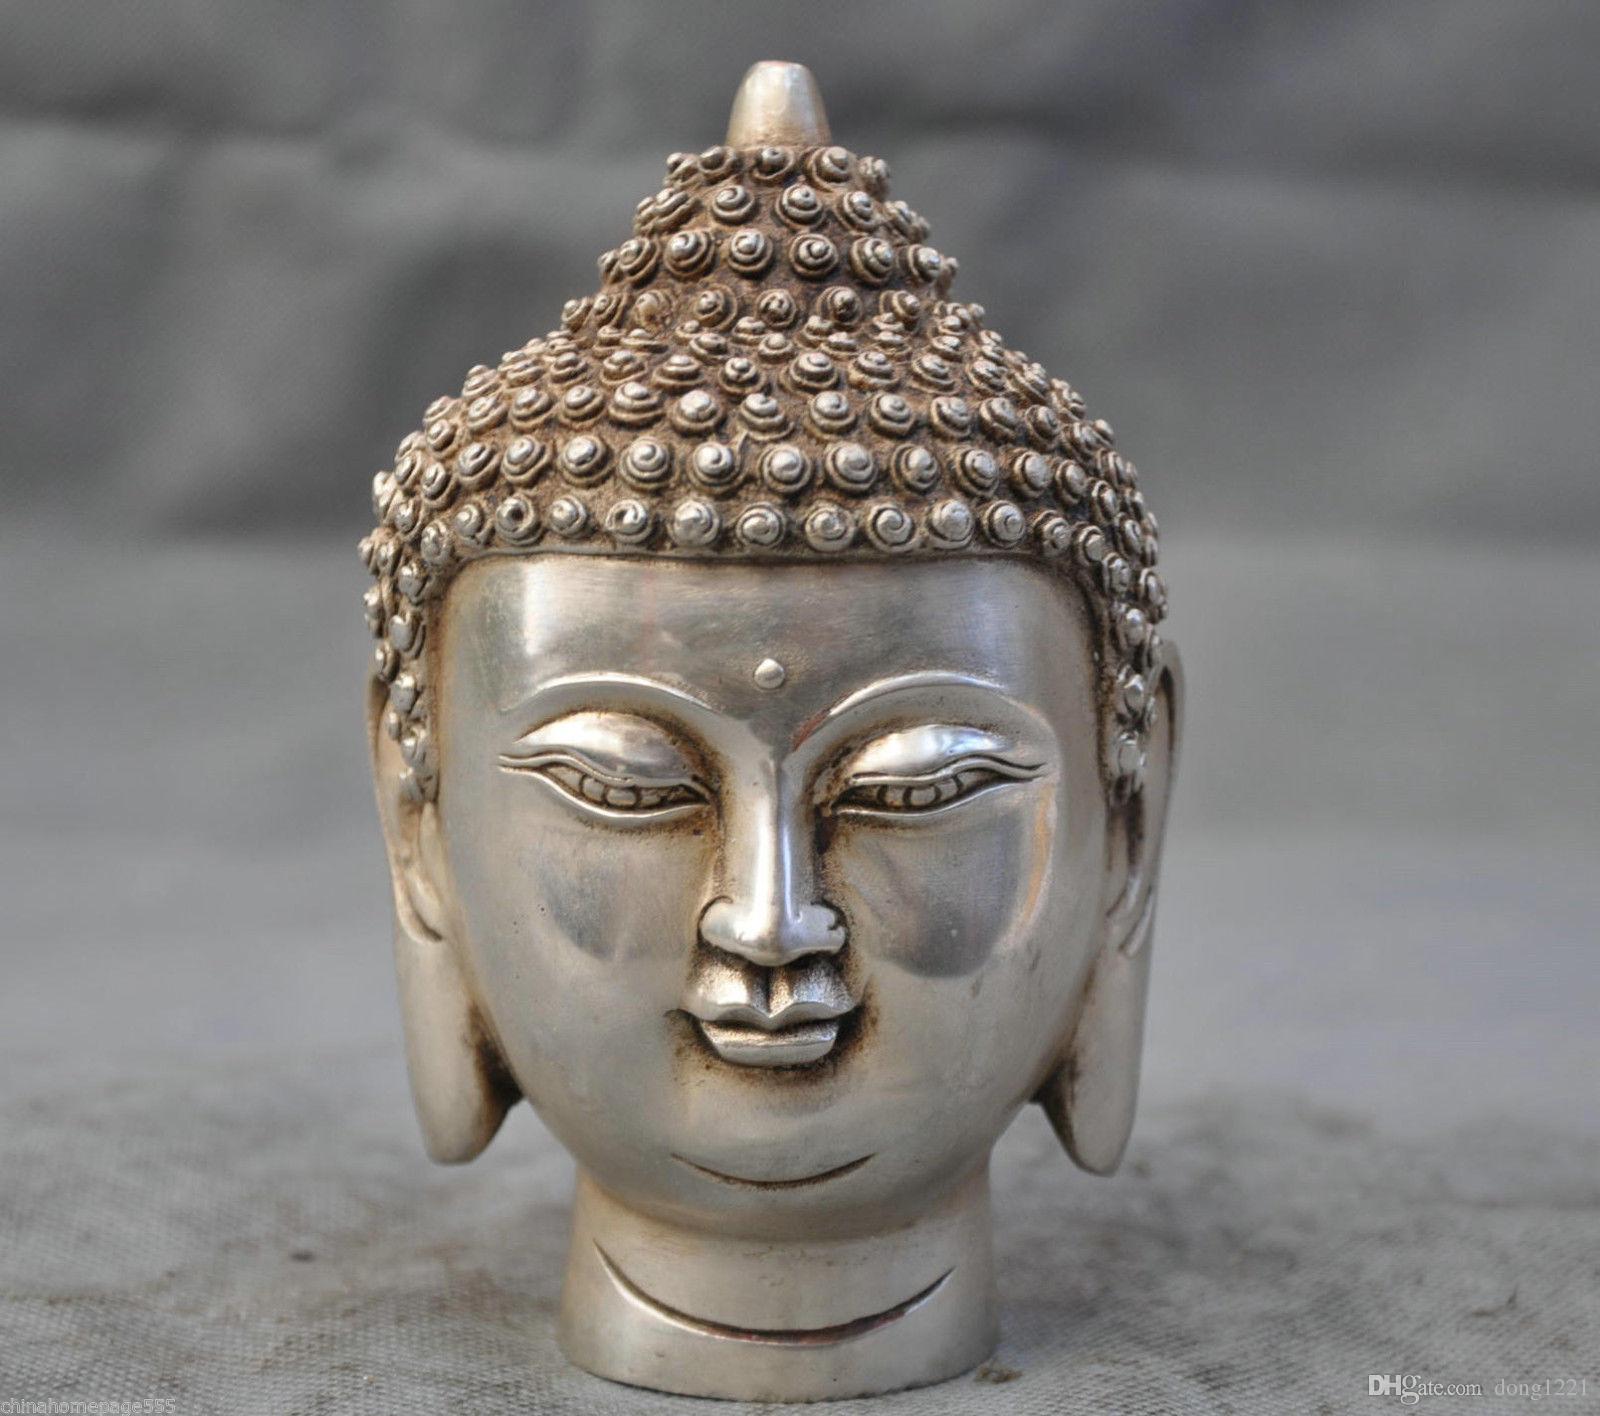 컬렉션 티베트어 실버 불교 Shakyamuni 부처 헤드 버스트 동상